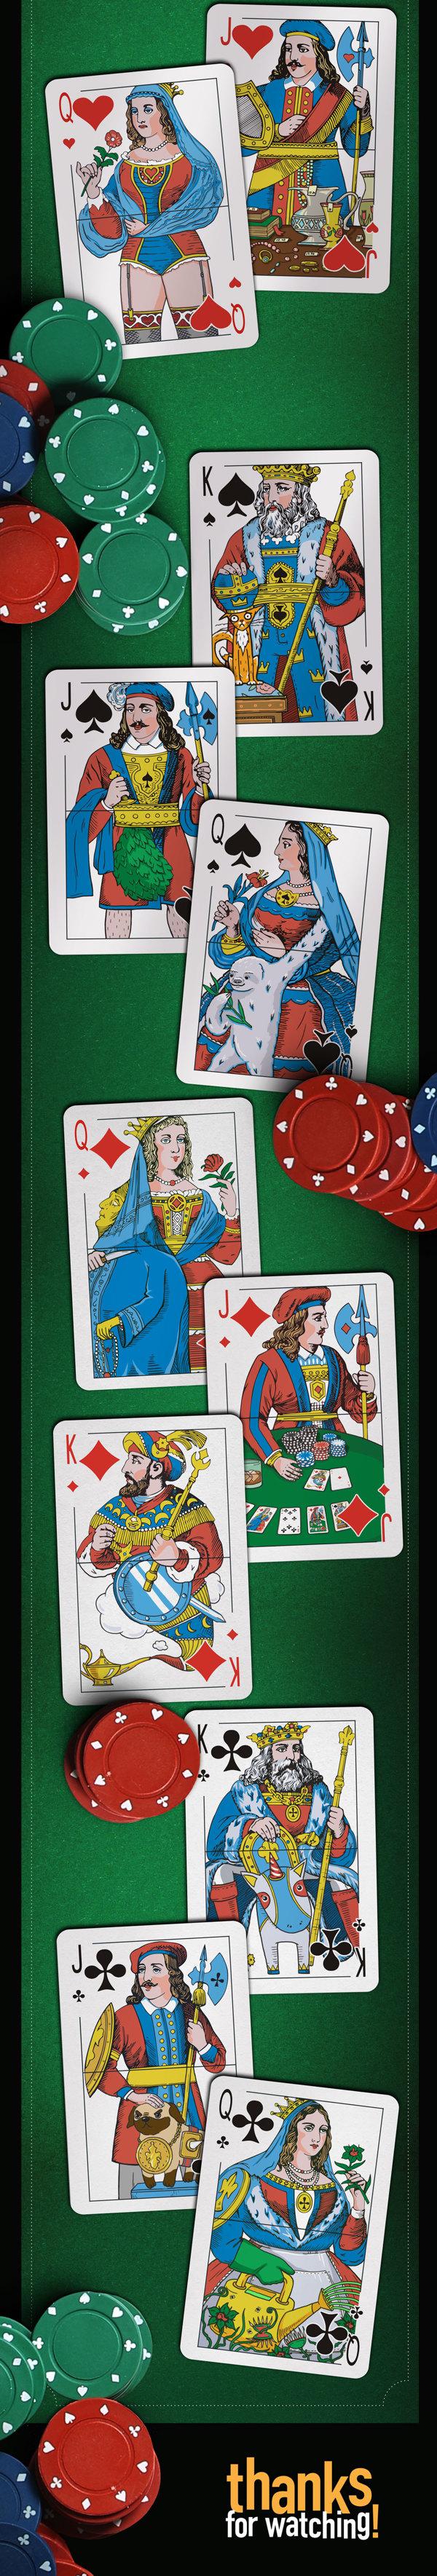 Що ховається нижче пояса гральних карт?